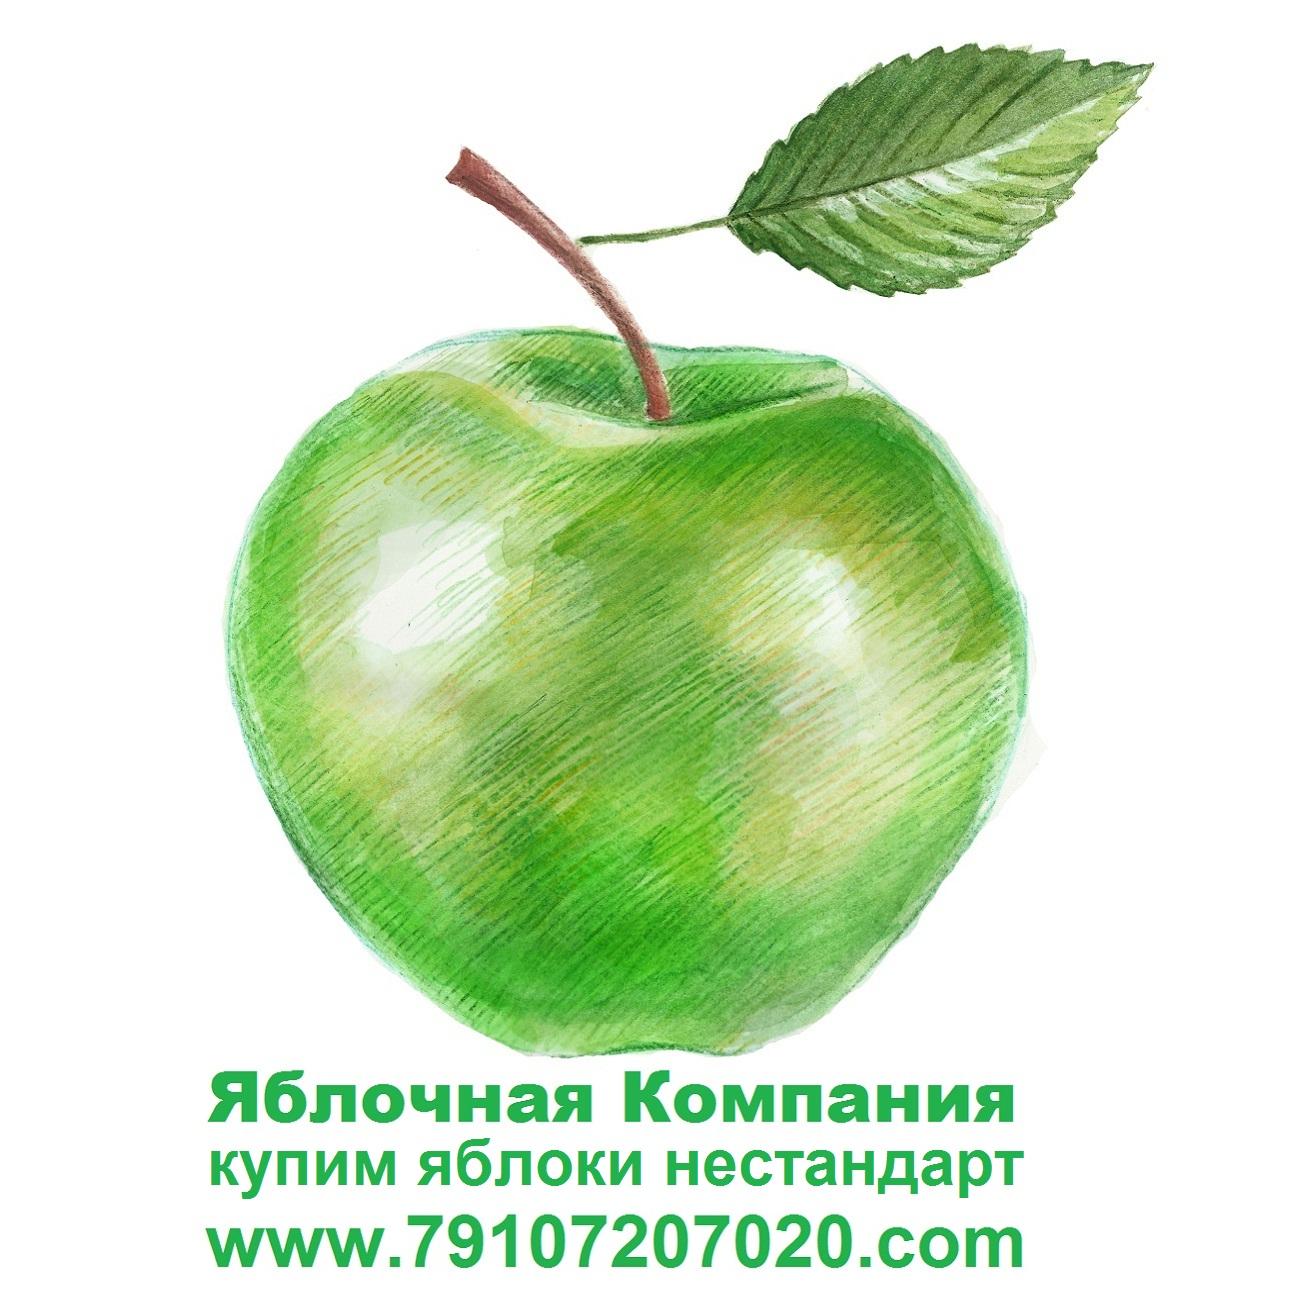 YAblochnaya-Kompaniya-www.79107207020.com-Kupim-yabloki-nestandart-dlya-promyshlennoj-pererabotki-v-RF-i-RB.-79107207020-79107207020-yandex.ru_